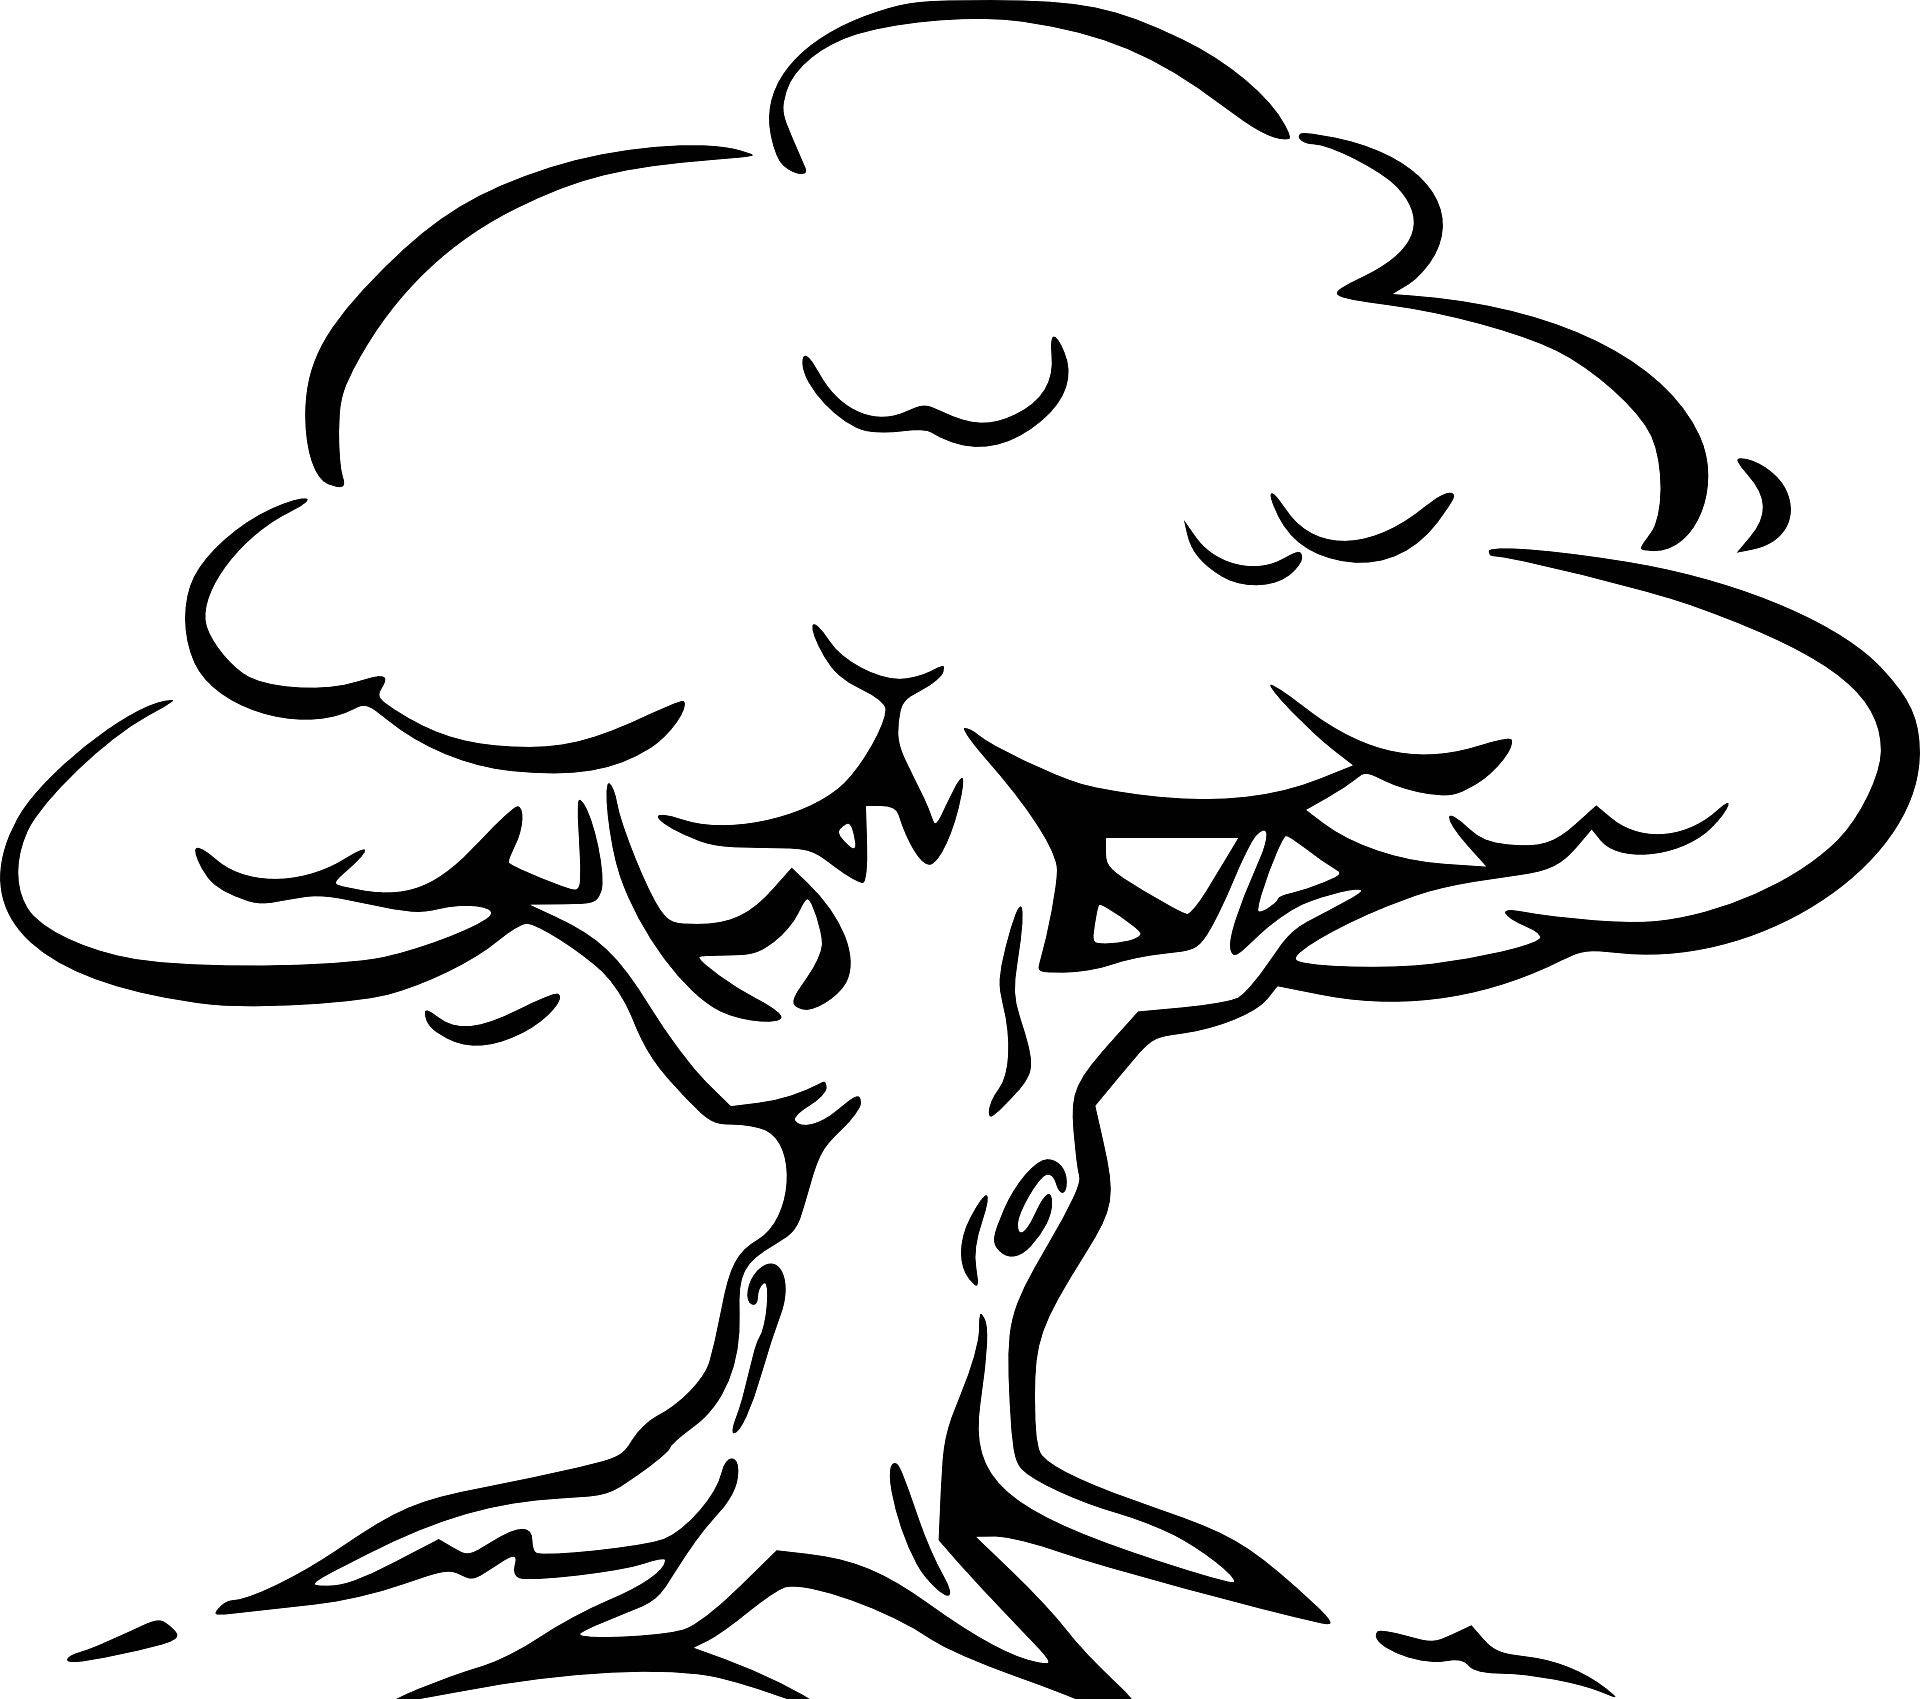 Baum Mit Wurzeln Ausmalbild In 2020 (Mit Bildern für Malvorlagen Baum